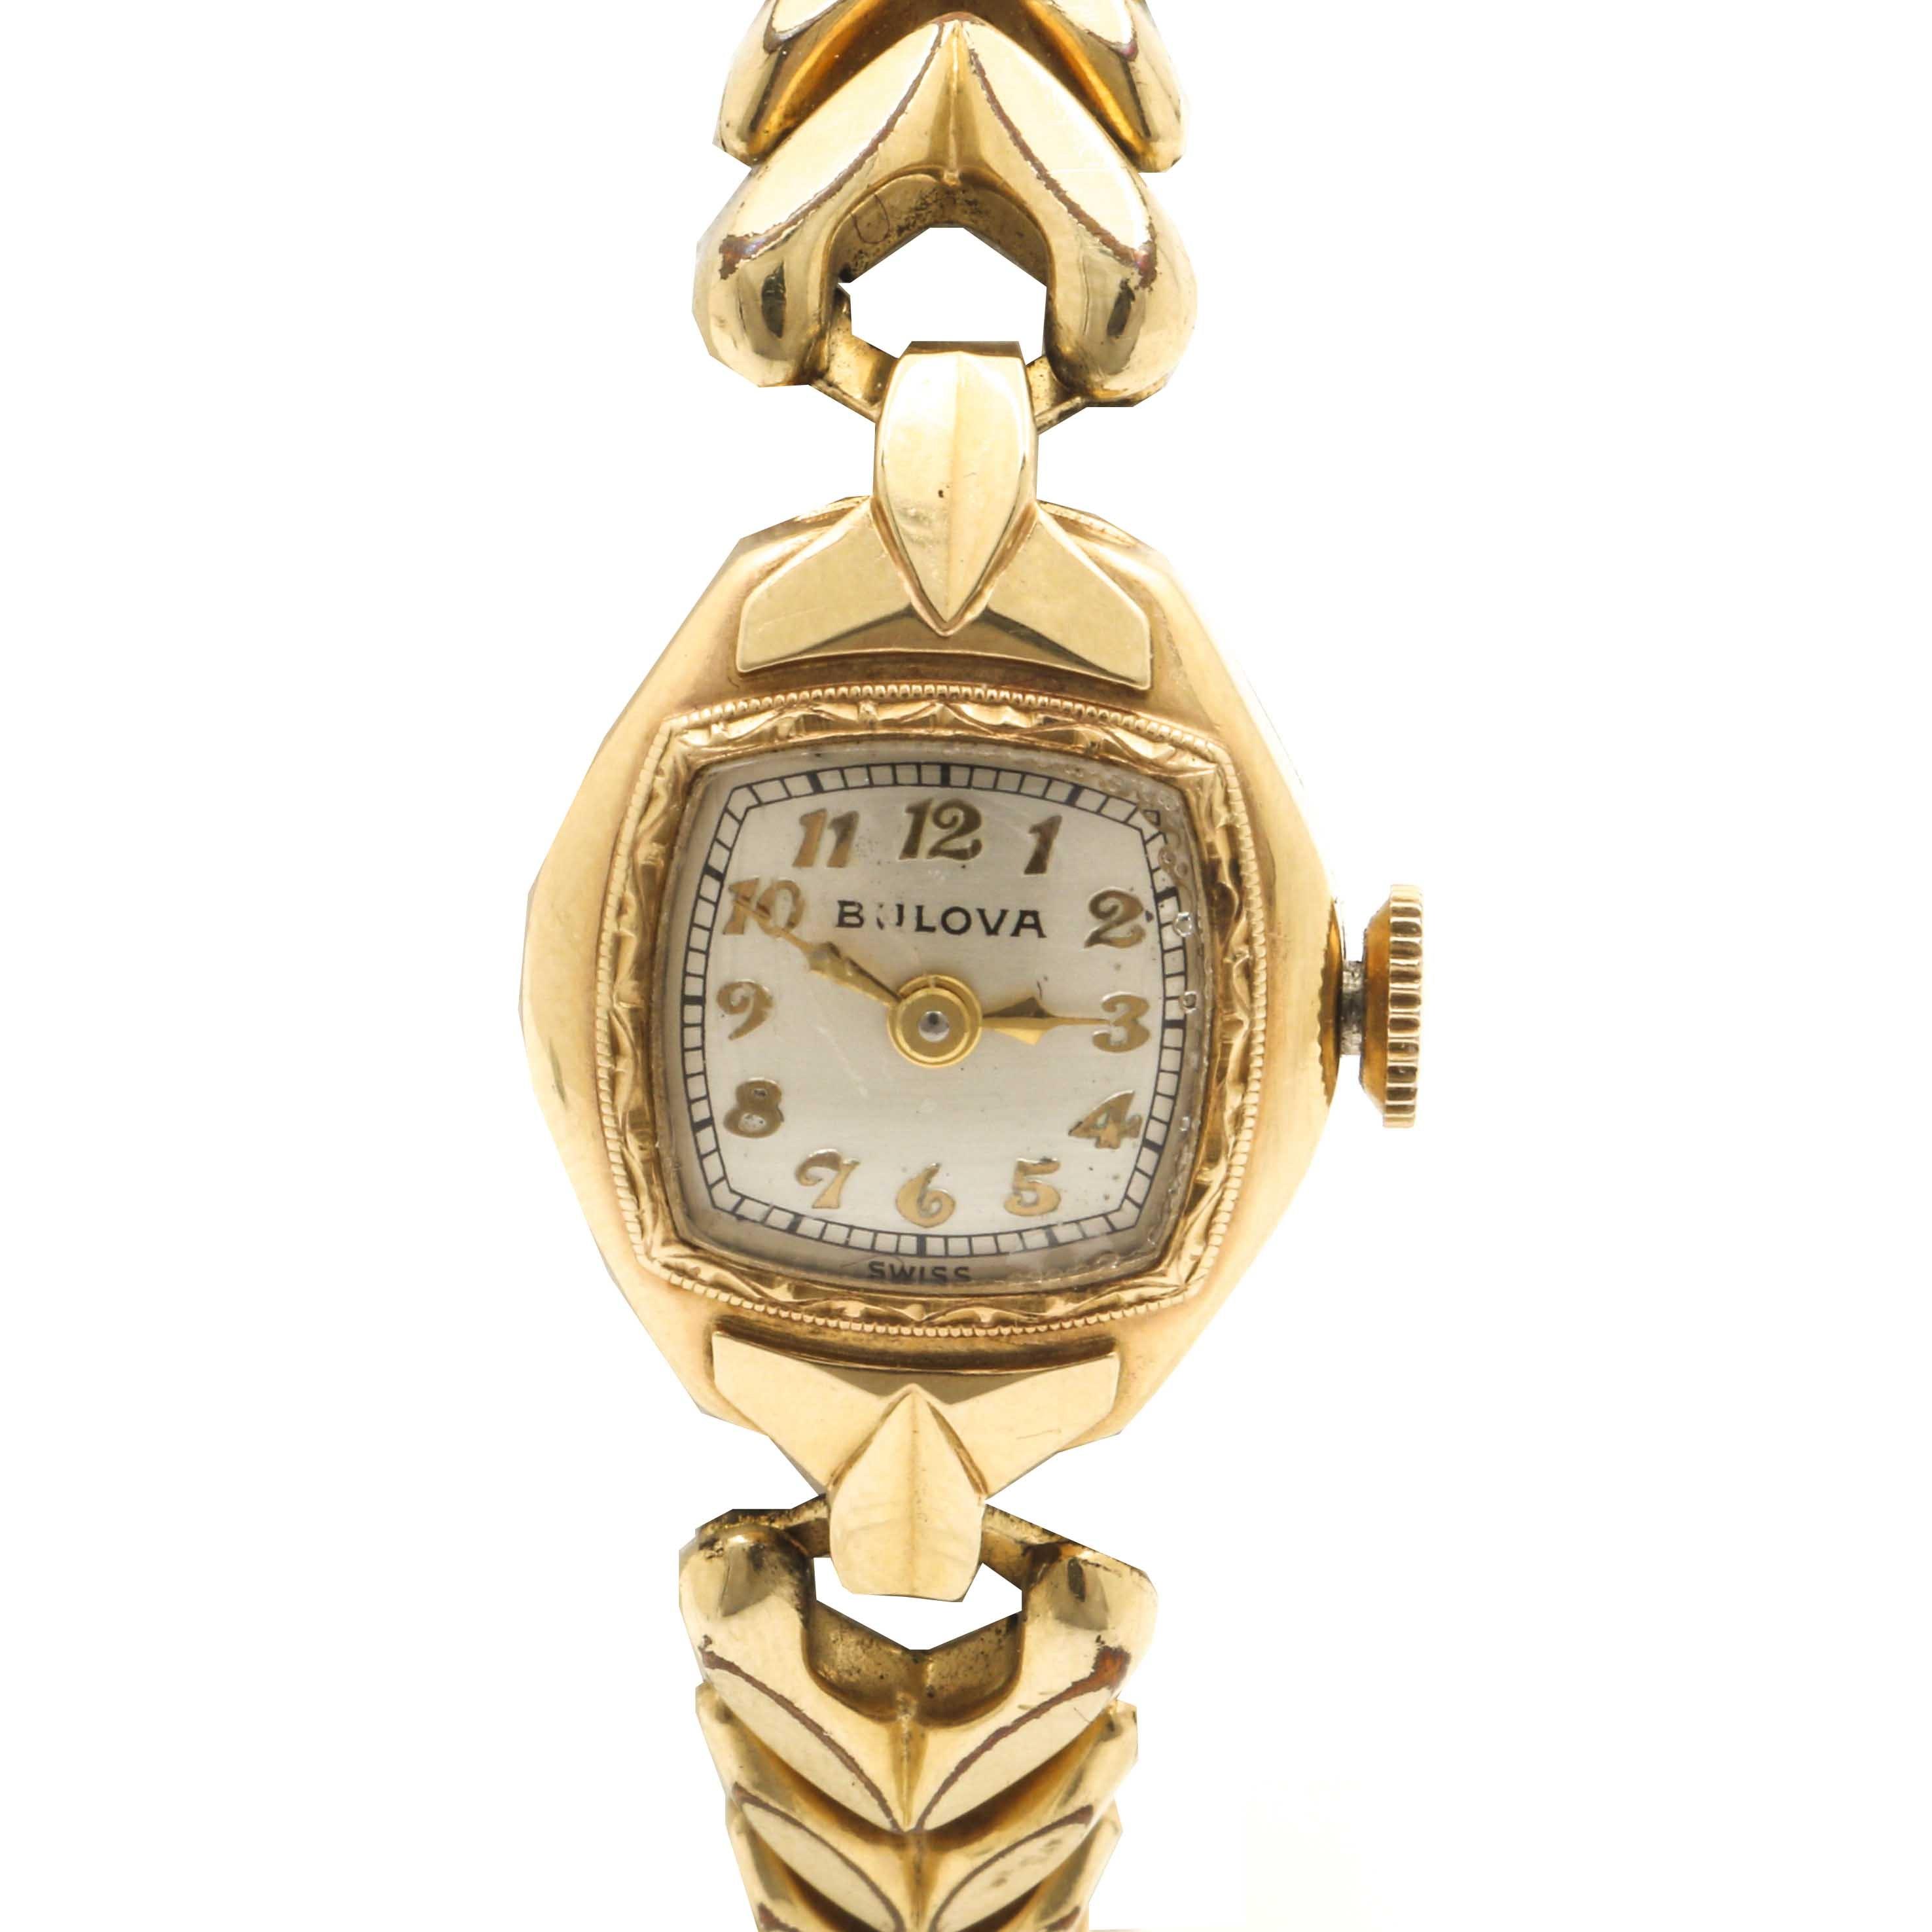 Bulova 14K Yellow Gold Wristwatch